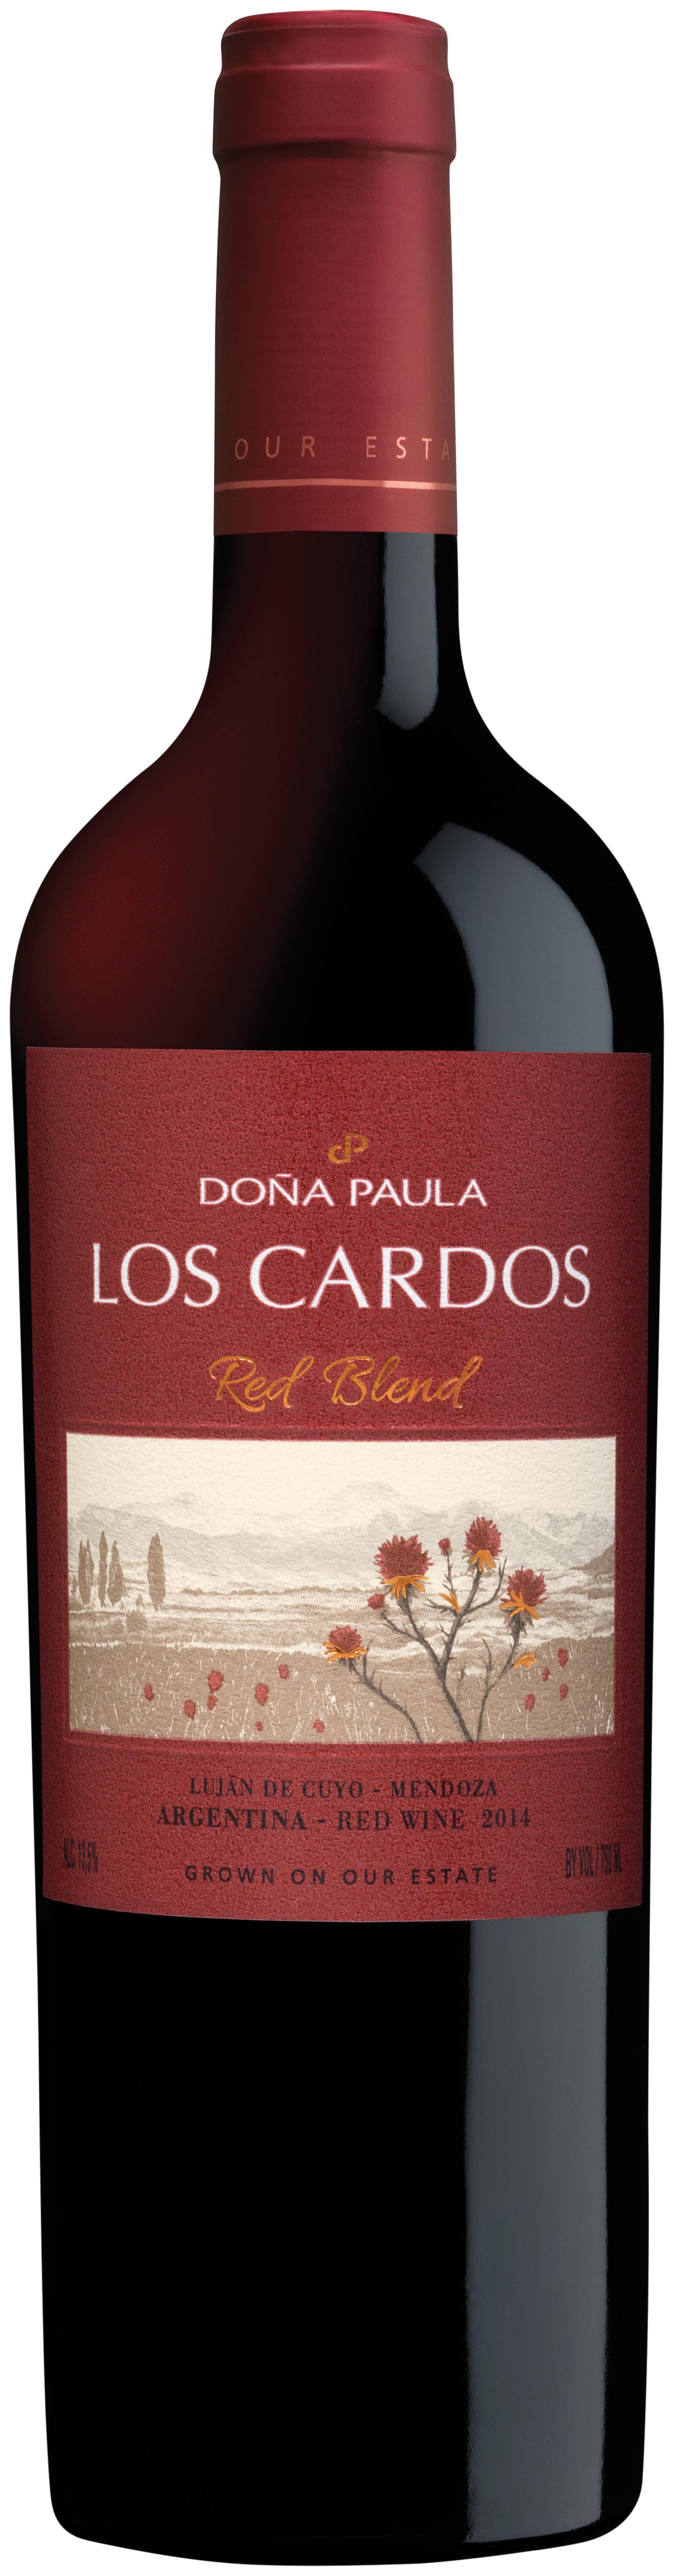 Los Cardos Red Blend 40 Malbec 30 Cabernet Sauvignon 27 Syrah 3 Tannat 2015 Bodega Dona Paula Lujan De Cuyo Sauvignon Malbec Cabernet Sauvignon